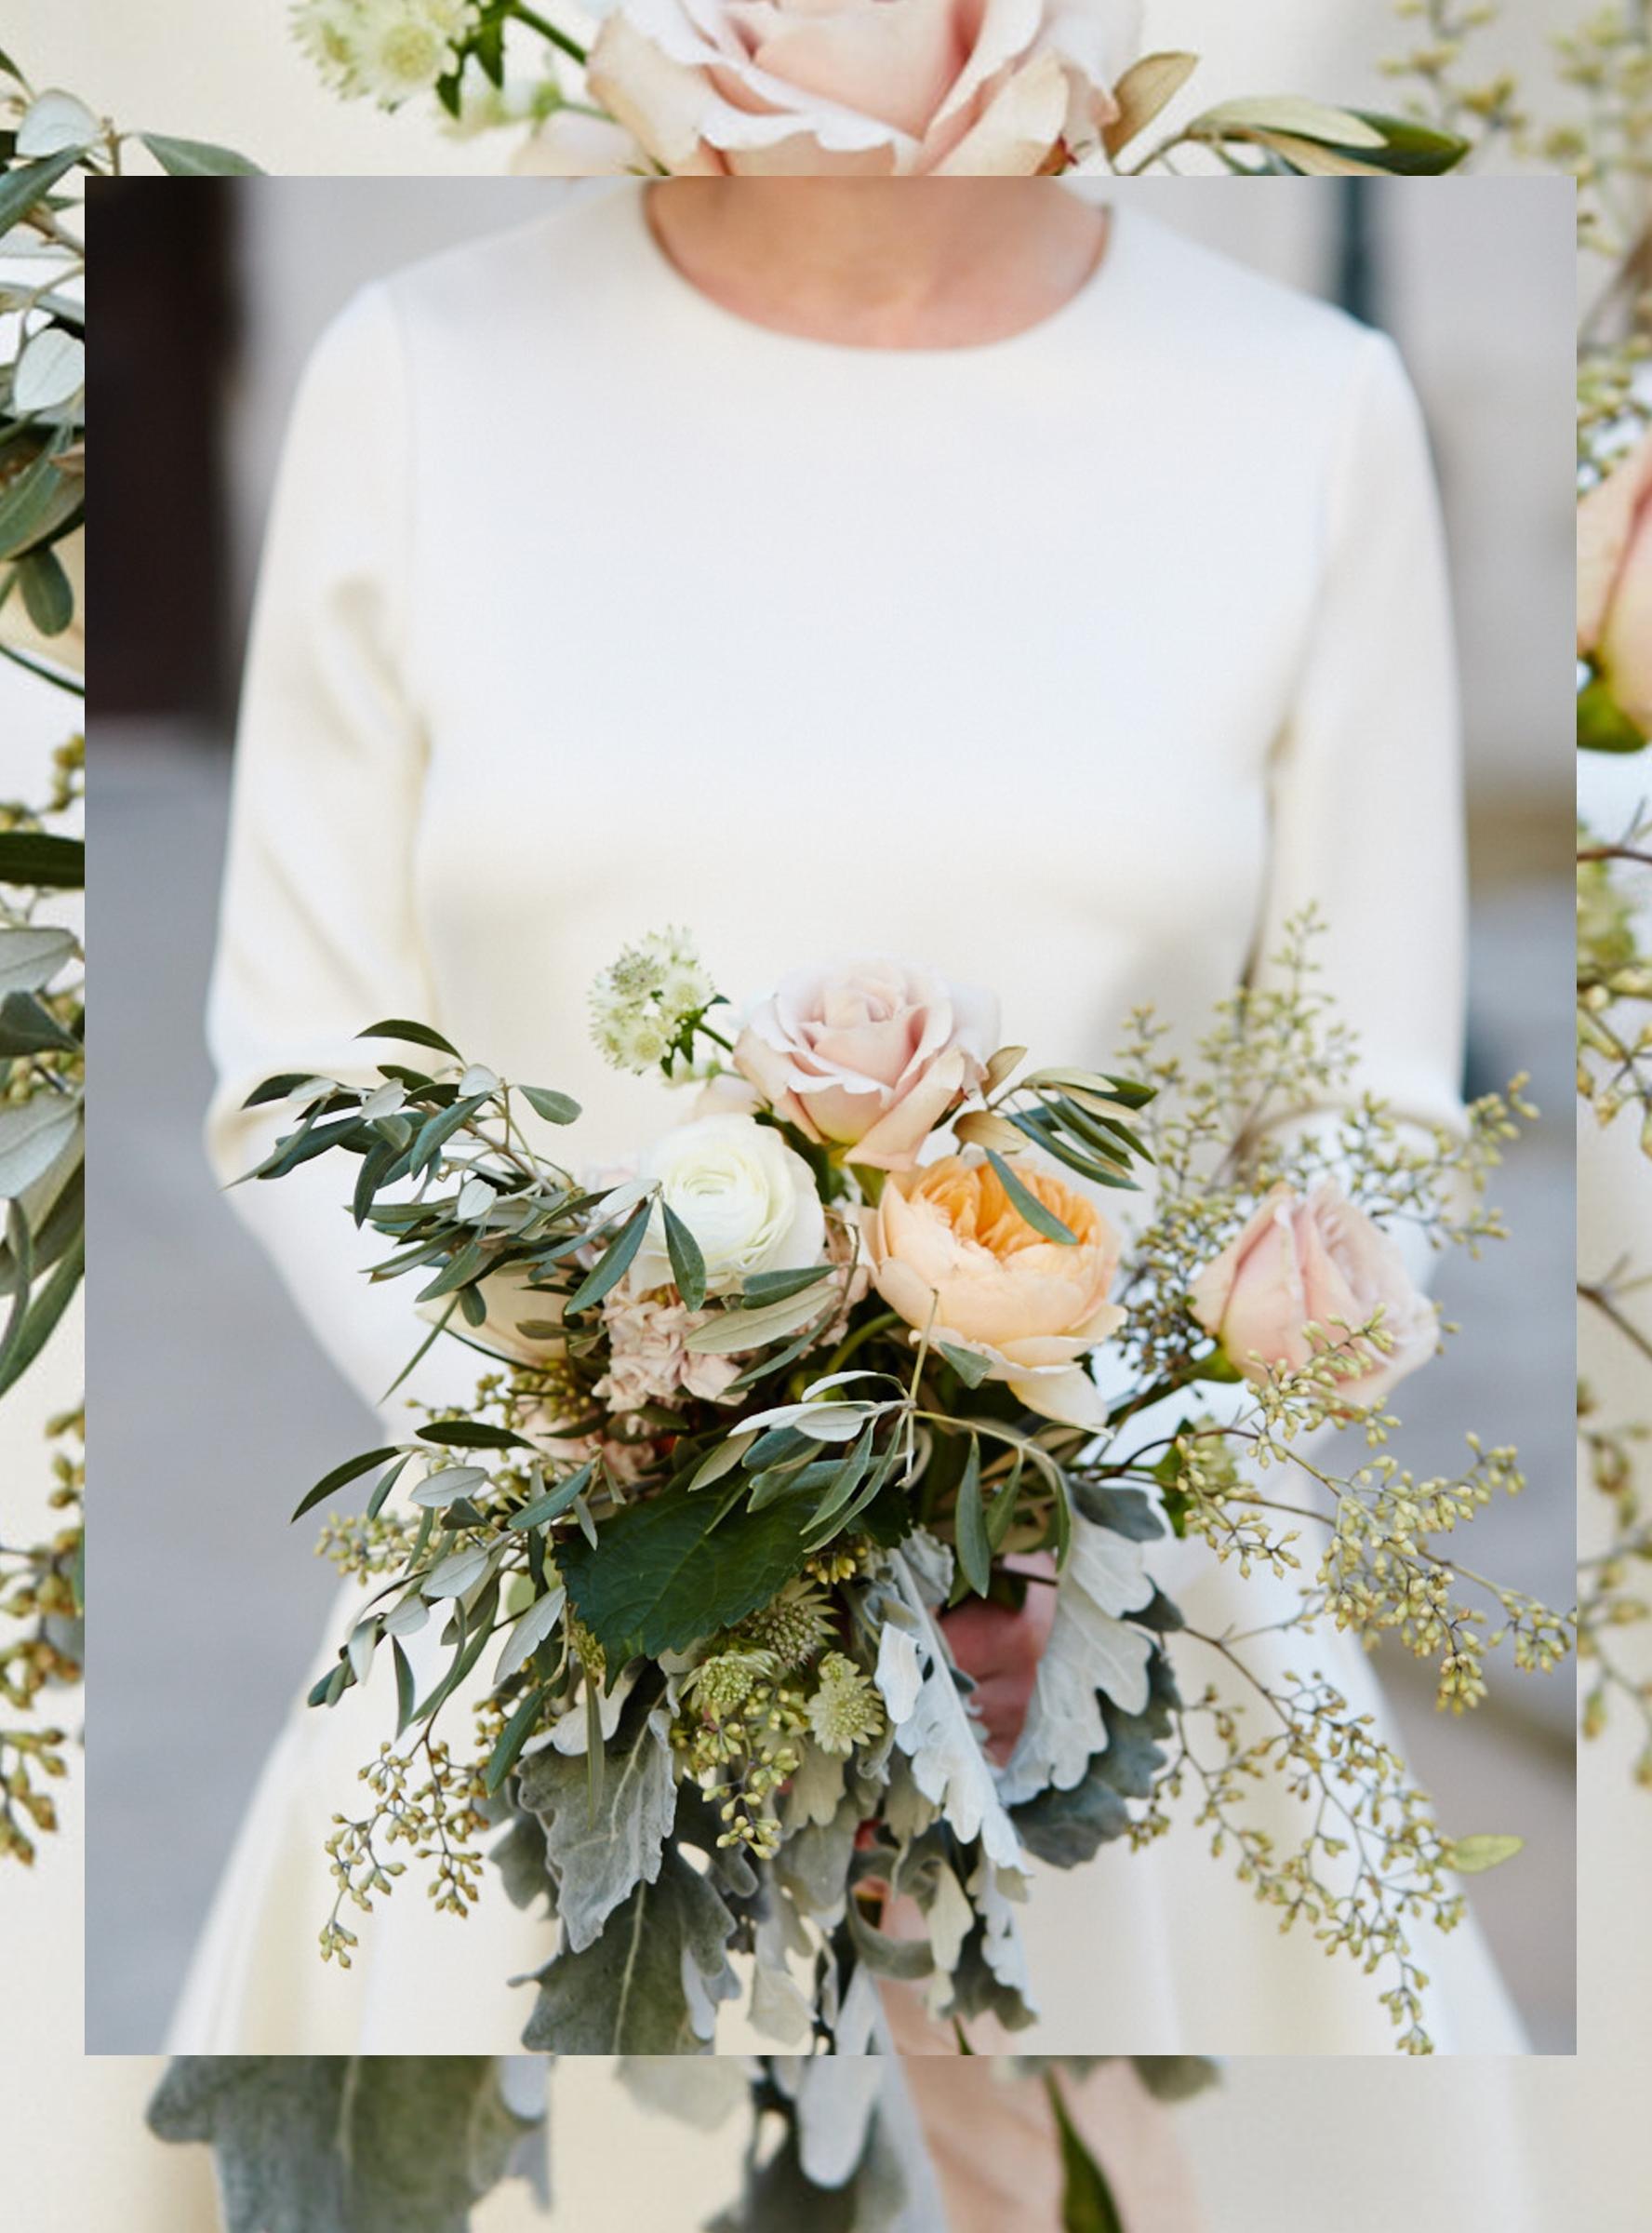 Das Sind Die Schonsten Brautkleider Trends 2018 Refinery29 Braut Meine Hochzeit Hochzeit